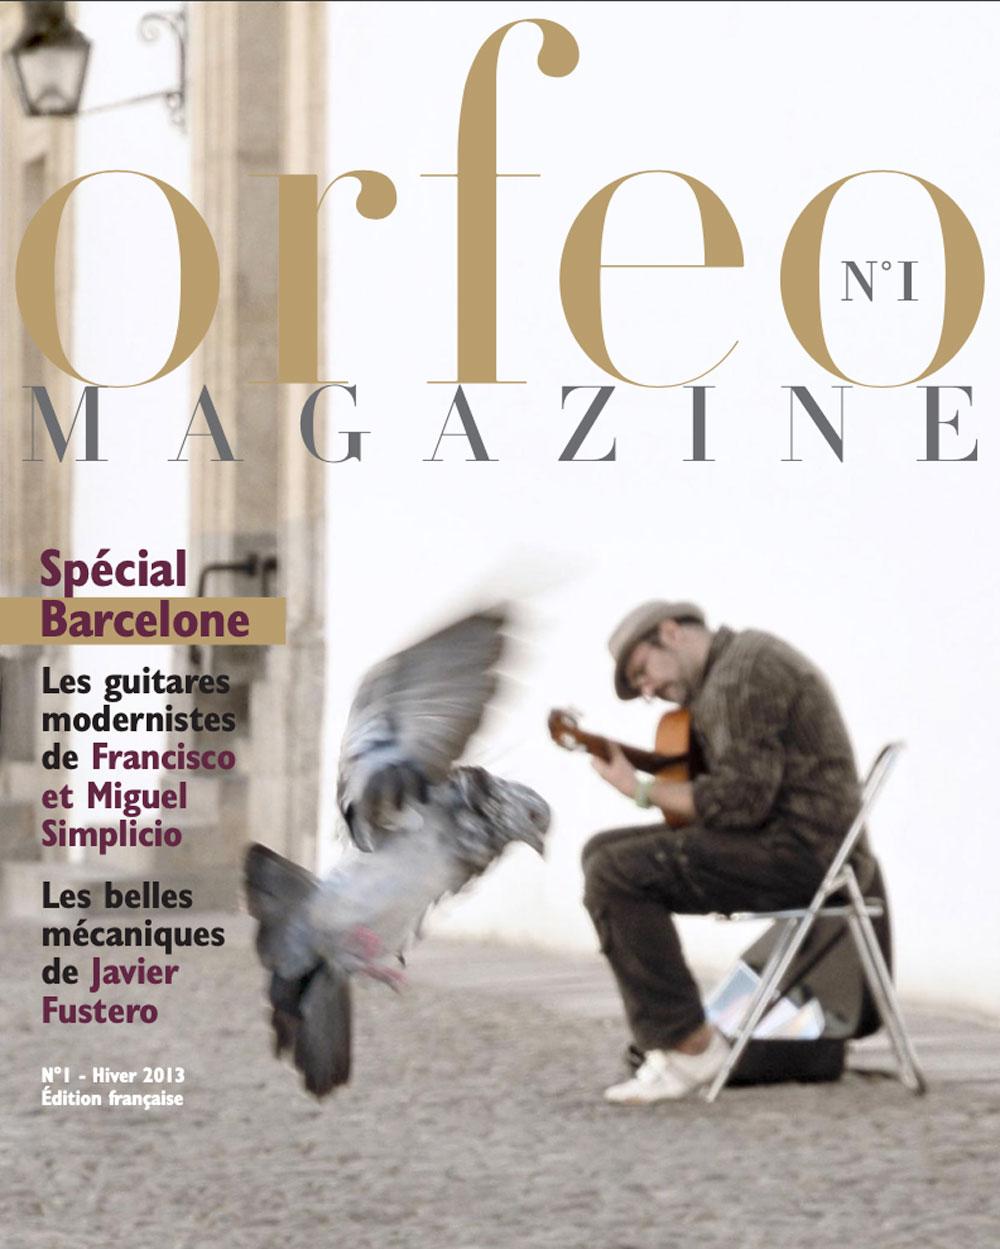 Orfeo Magazine